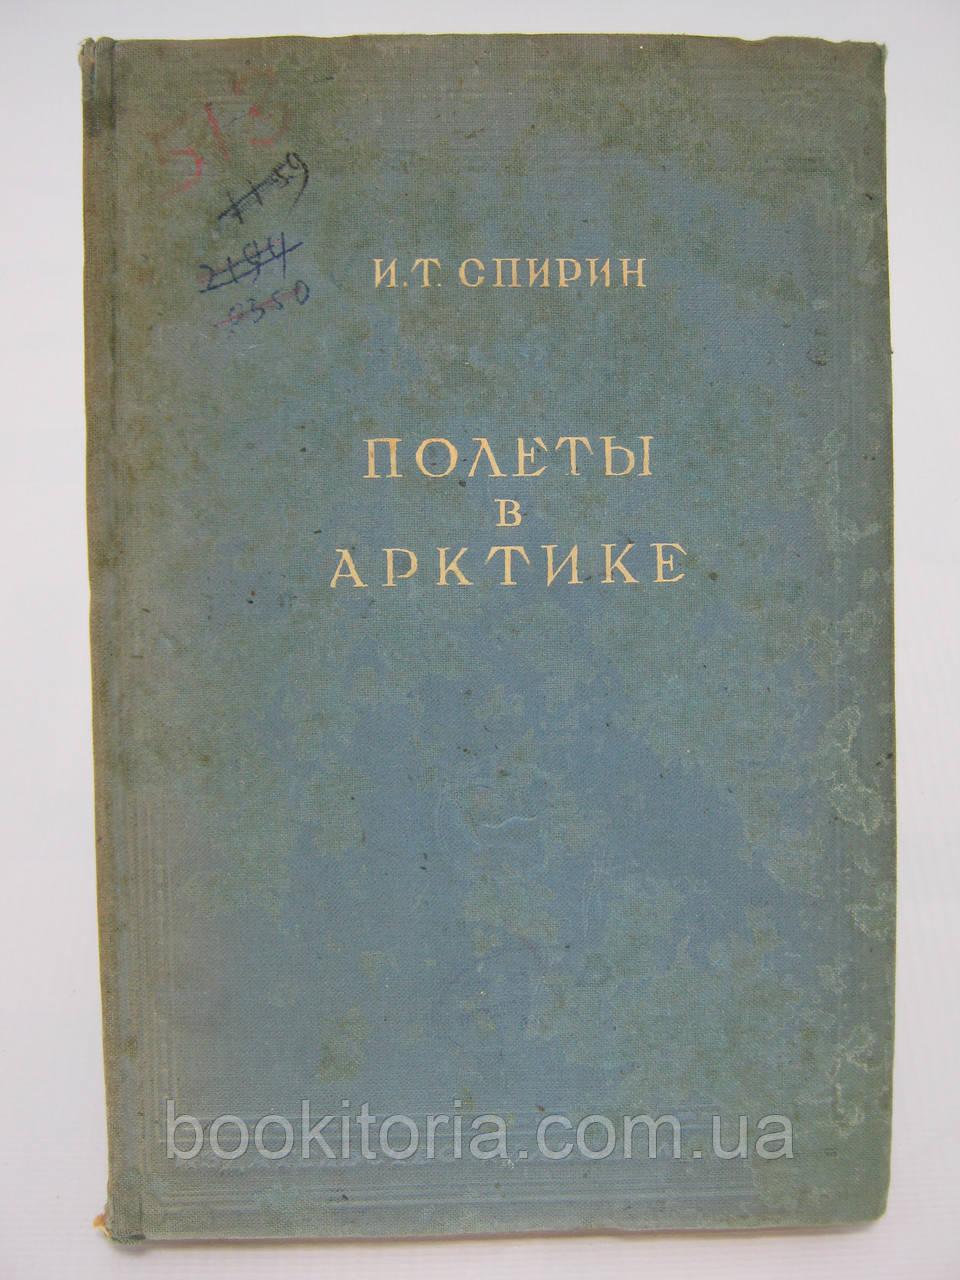 Спирин И.Т. Полеты в Арктике (б/у).